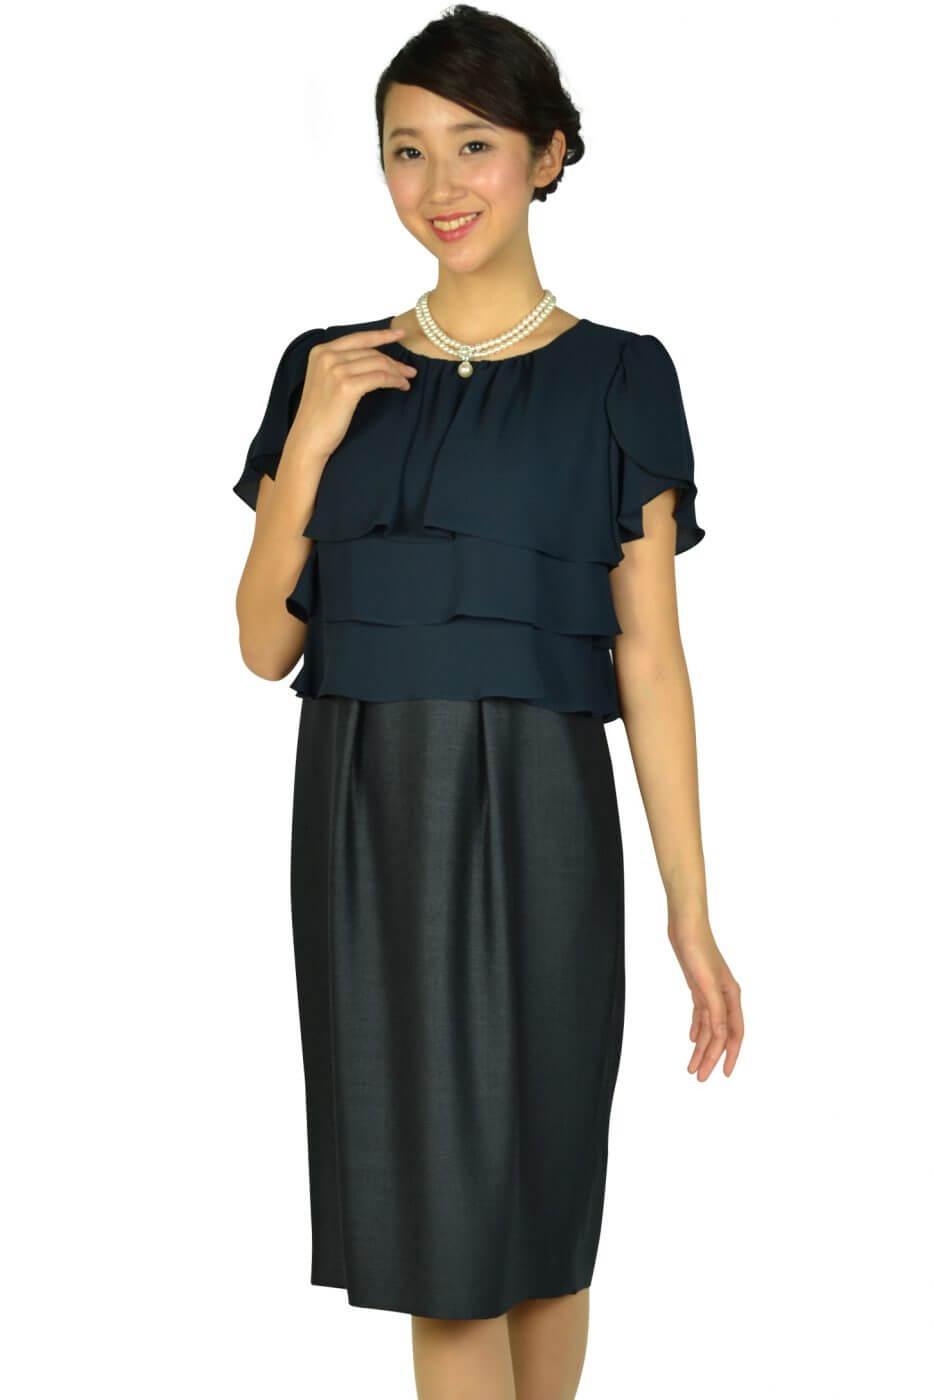 ドレス デコ(DRESS DECO)フリルトップネイビードレス